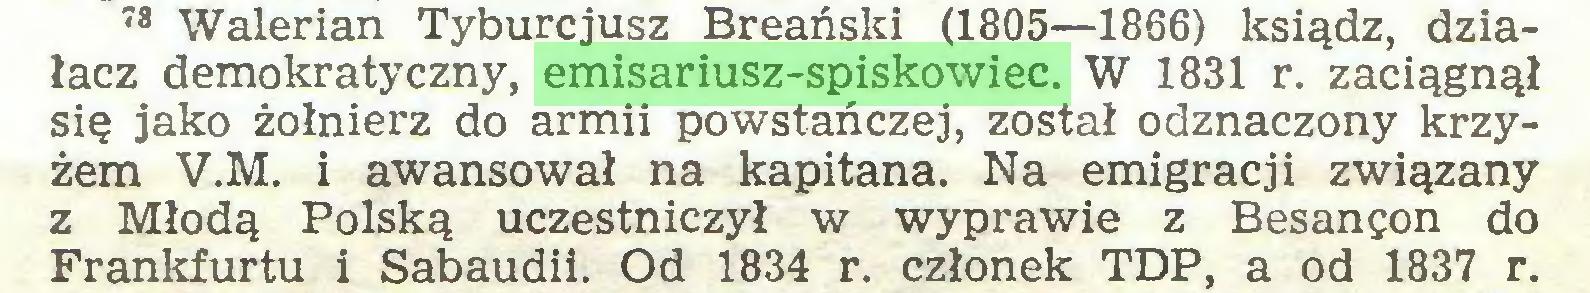 (...) 78 Walerian Tyburcjusz Breański (1805—1866) ksiądz, działacz demokratyczny, emisariusz-spiskowiec. W 1831 r. zaciągnął się jako żołnierz do armii powstańczej, został odznaczony krzyżem V.M. i awansował na kapitana. Na emigracji związany z Młodą Polską uczestniczył w wyprawie z Besançon do Frankfurtu i Sabaudii. Od 1834 r. członek TDP, a od 1837 r...